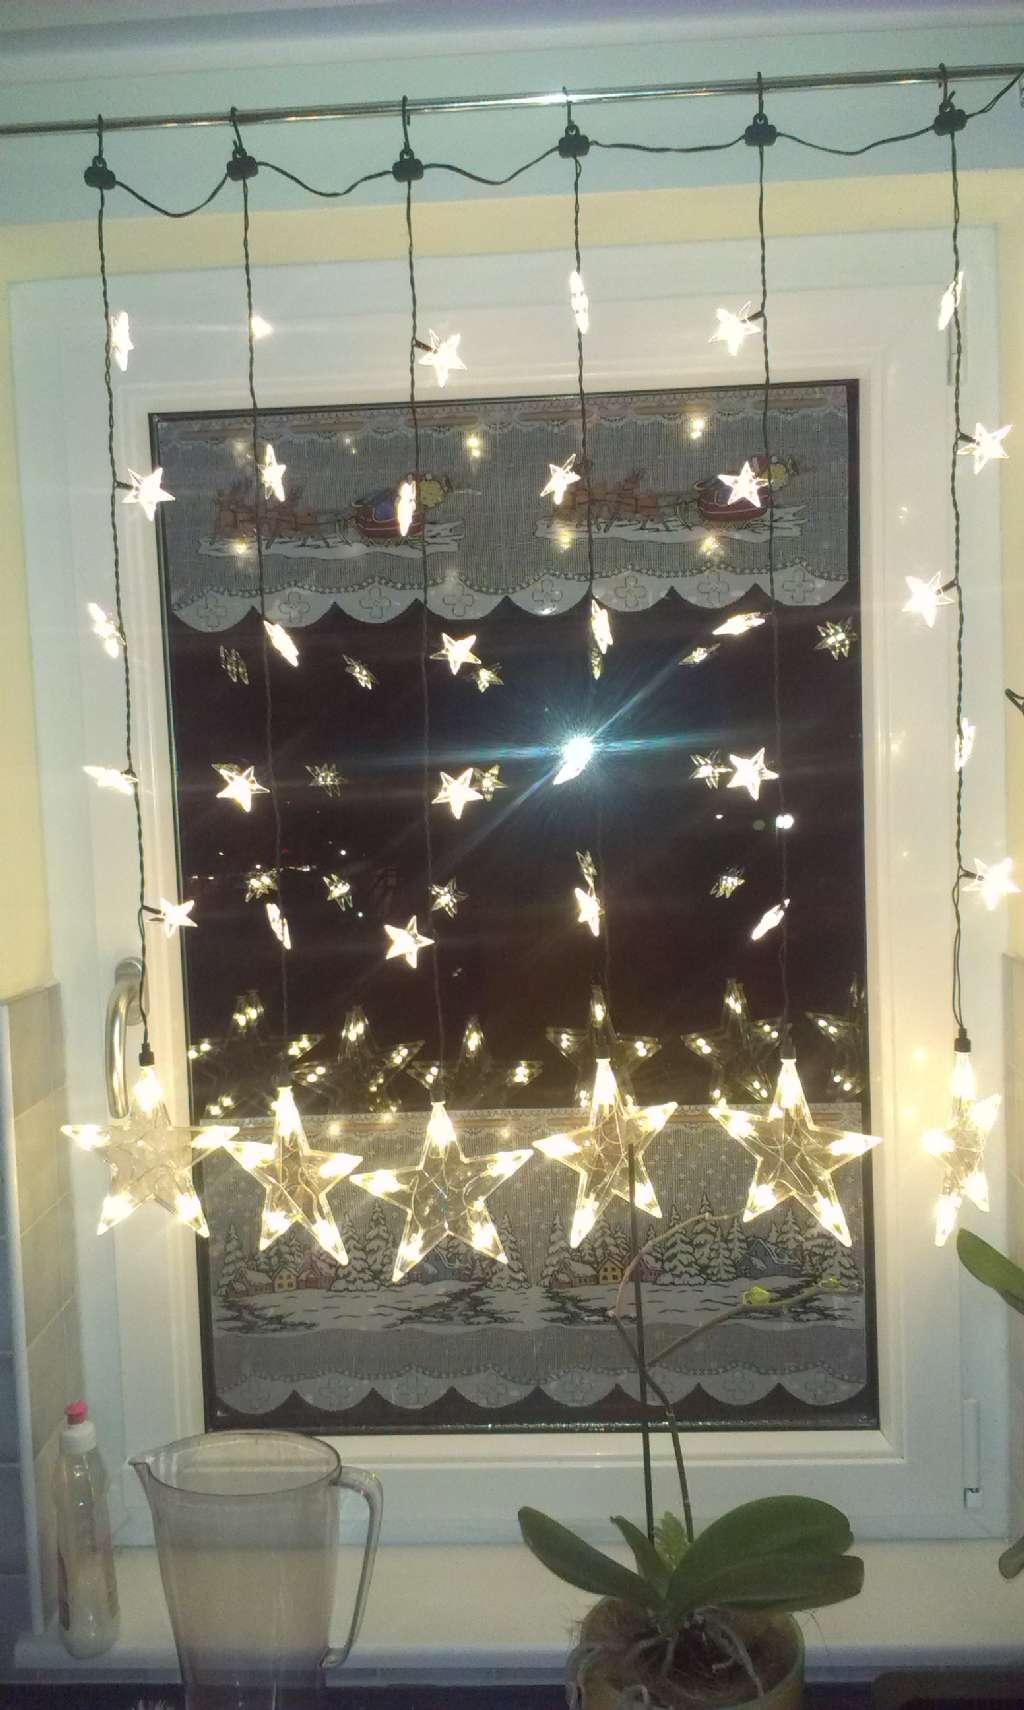 Kitschige Weihnachtsbeleuchtung.Weihnachtsbeleuchtung Forum Auf Energiesparhaus At